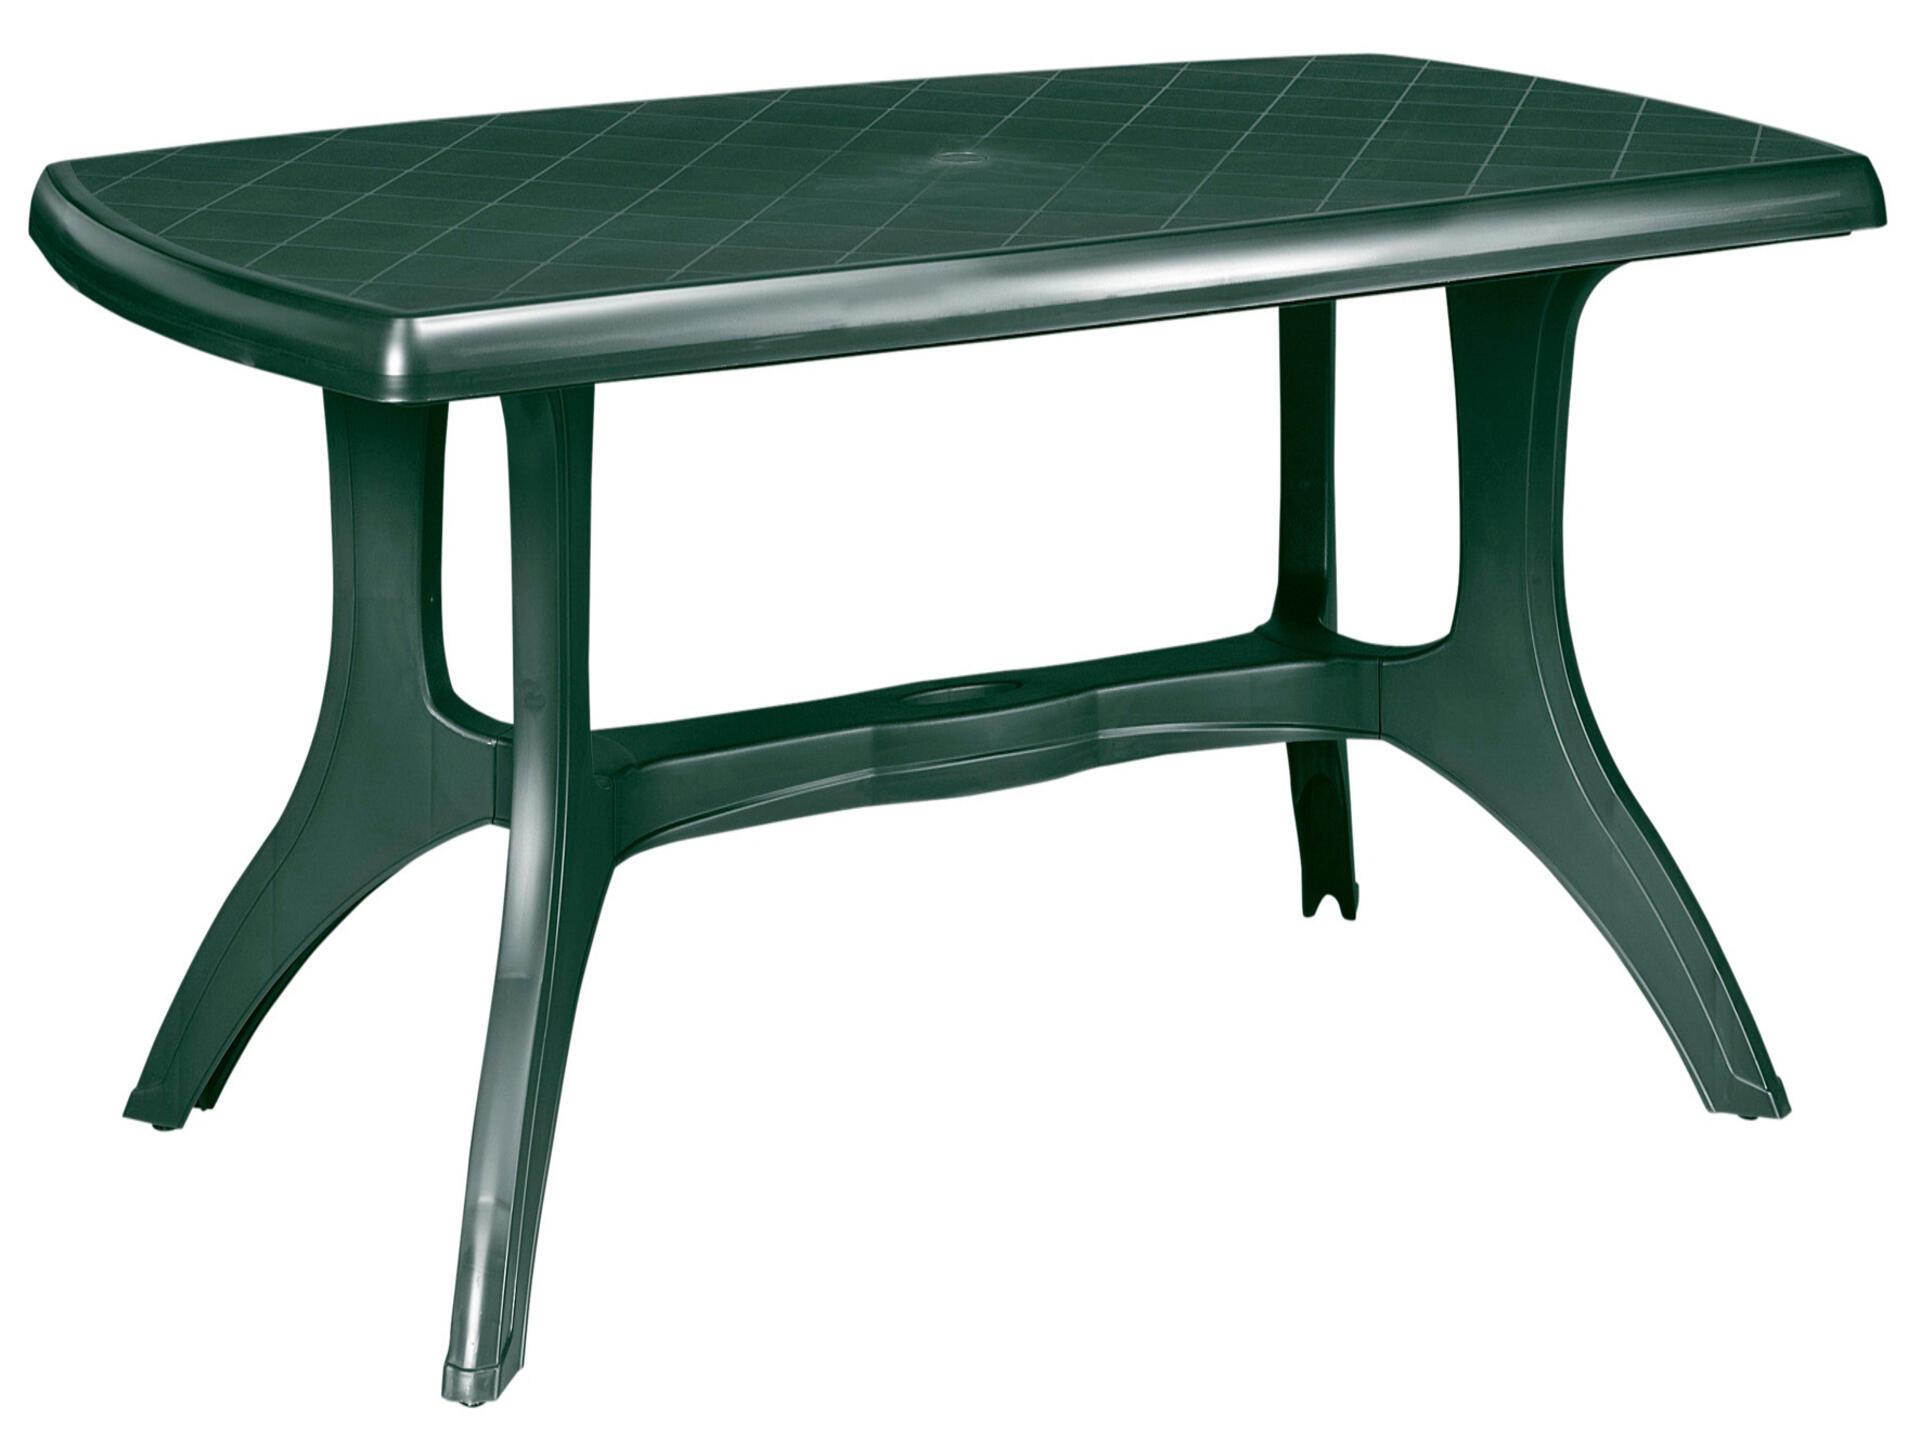 Jardin Wellington Table De Jardin 184x103 Cm Verte Hubo